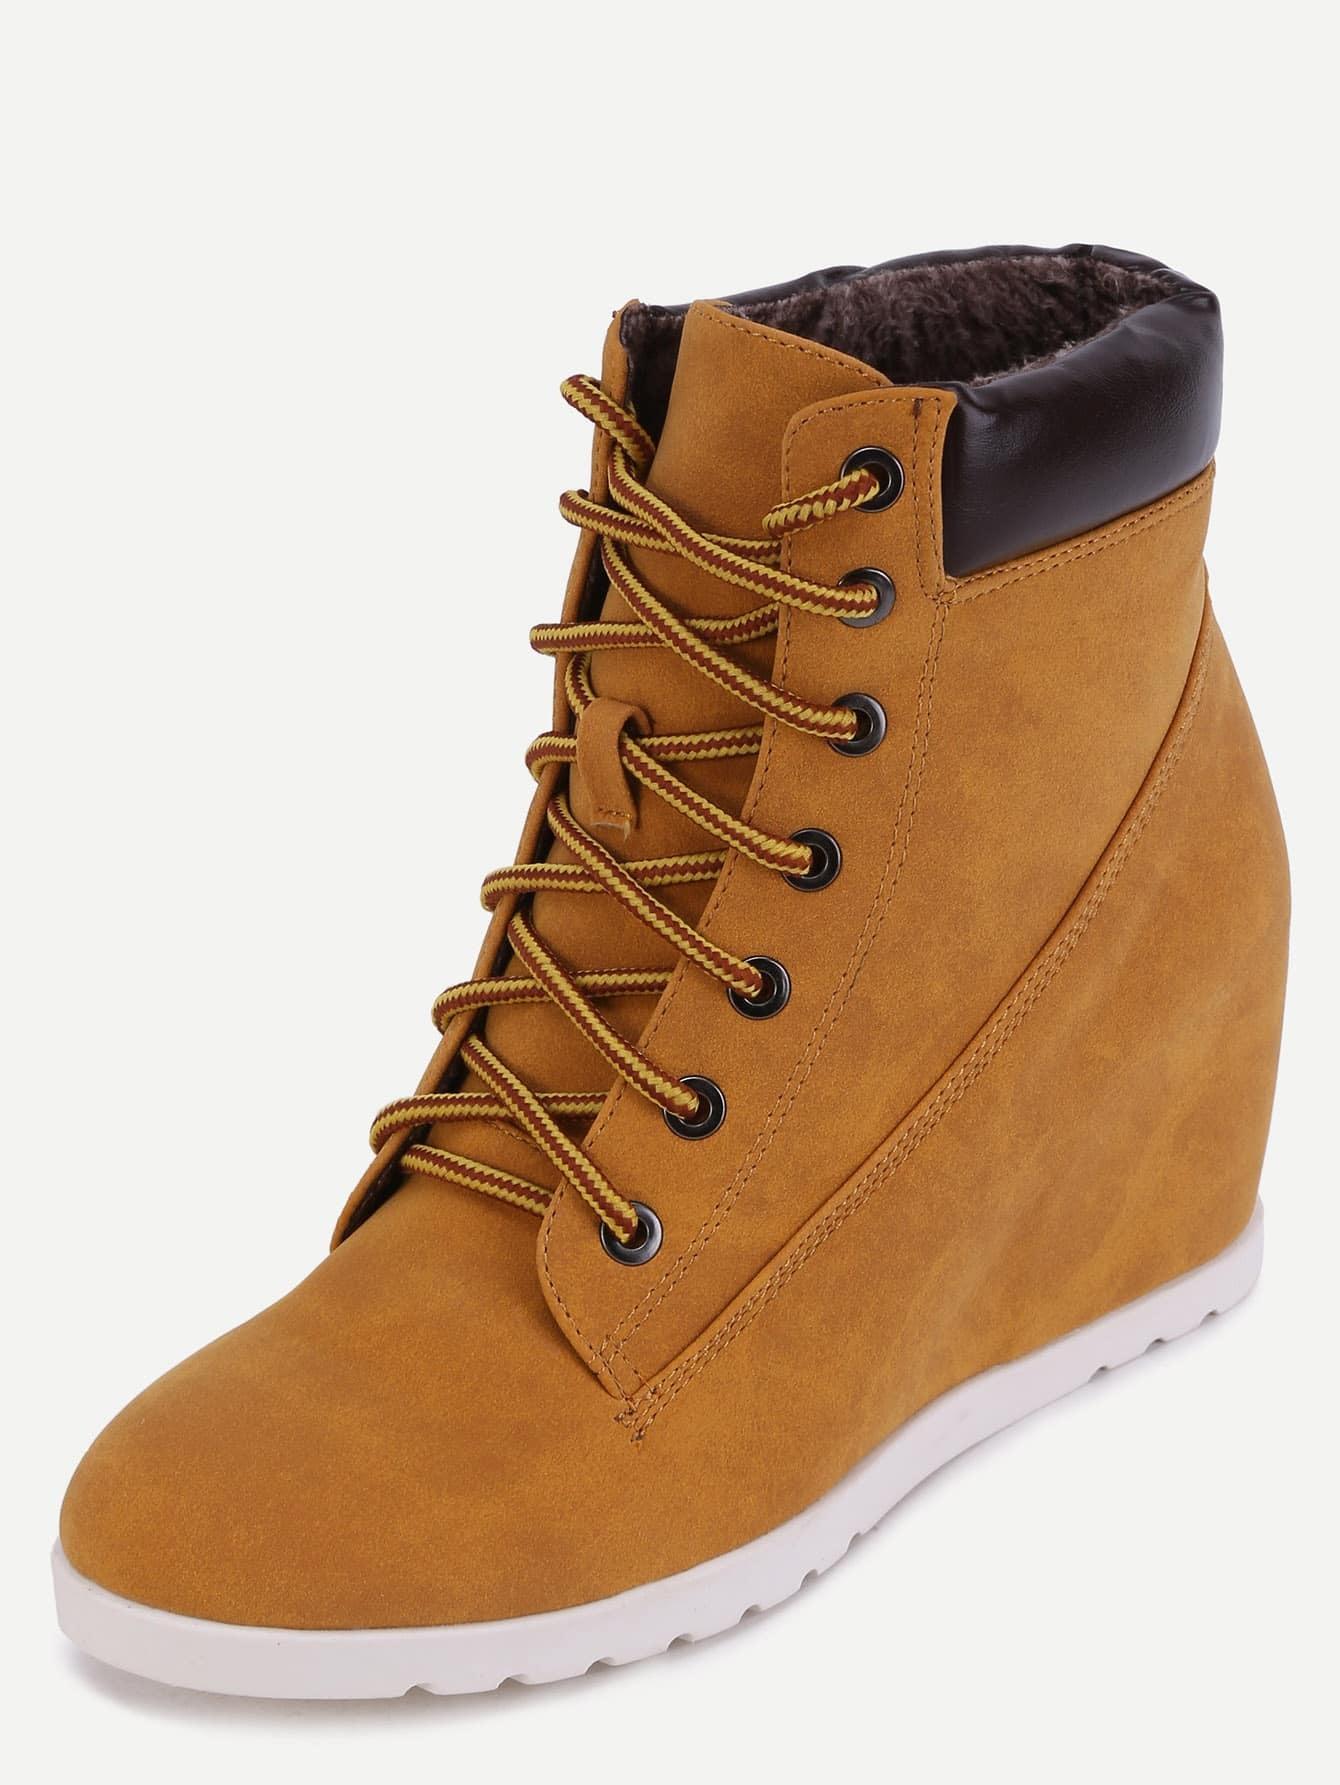 shoes161013802_2